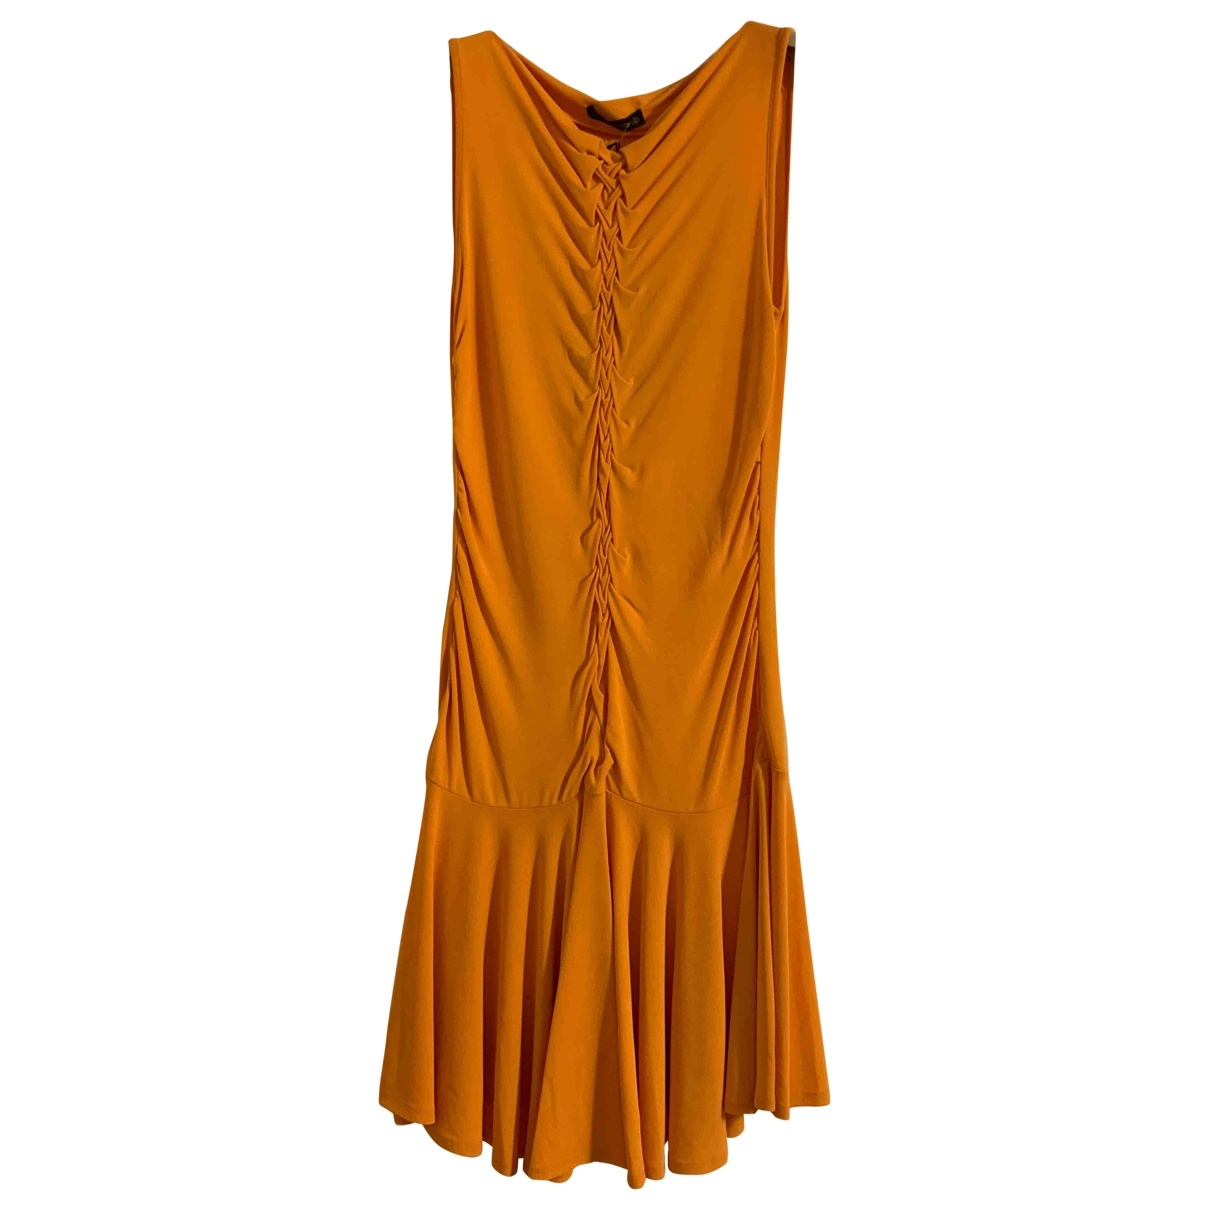 Plein Sud \N Kleid in  Gelb Synthetik